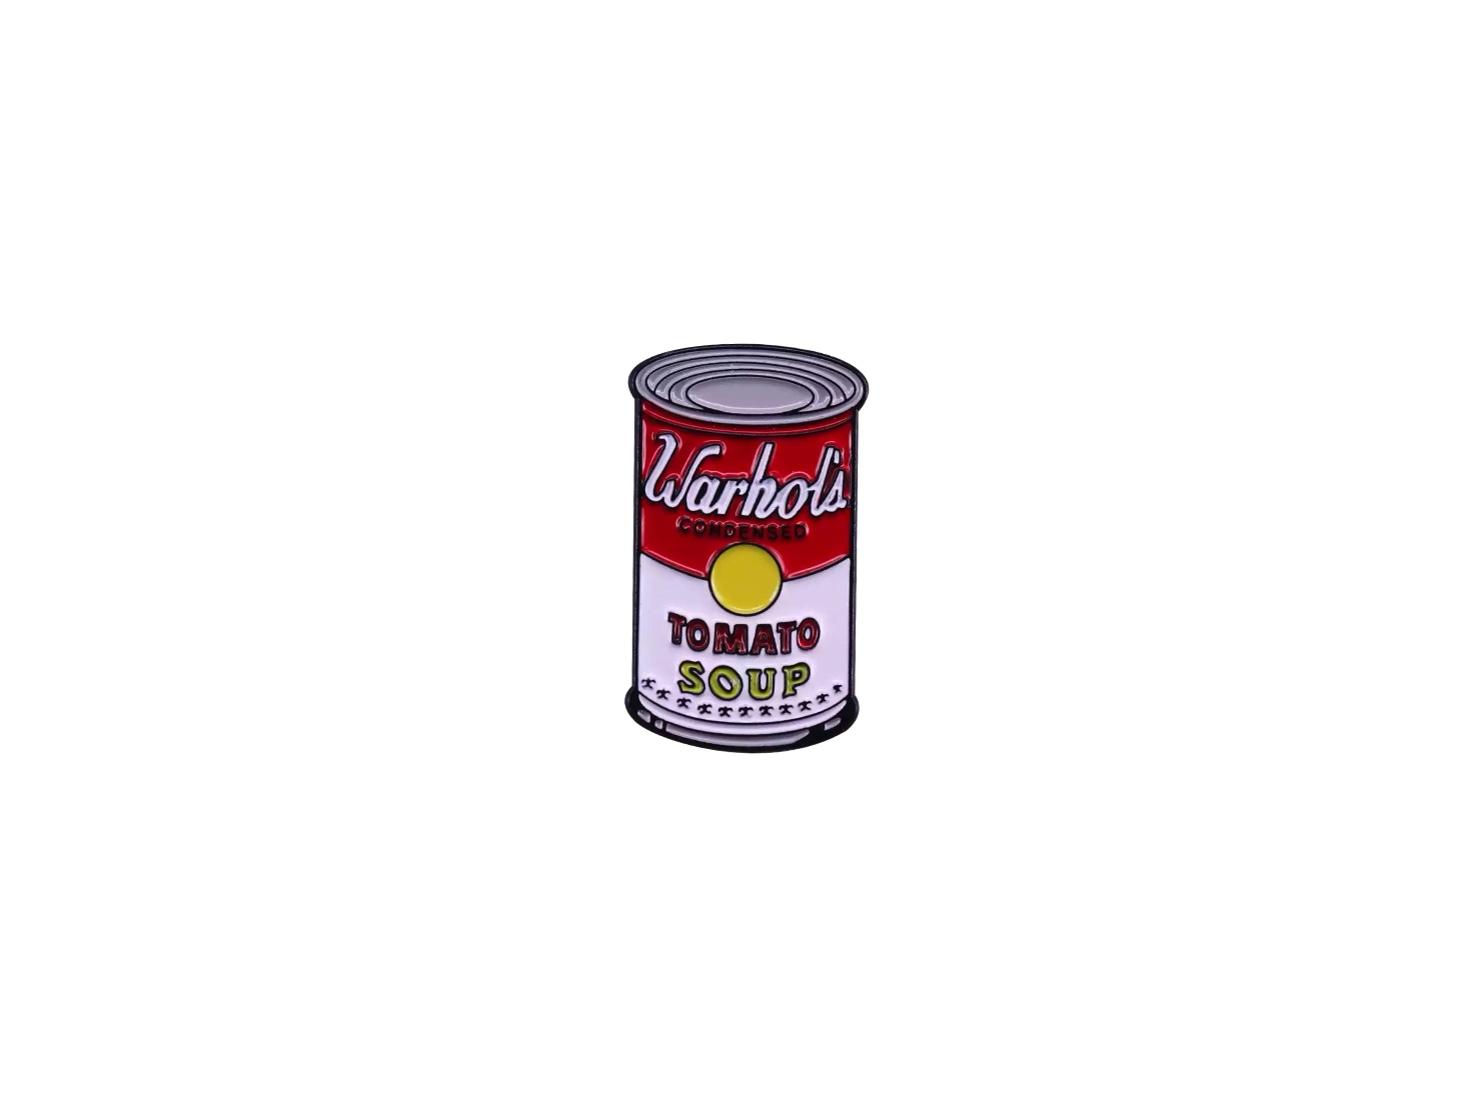 pin's warhol tomato soup